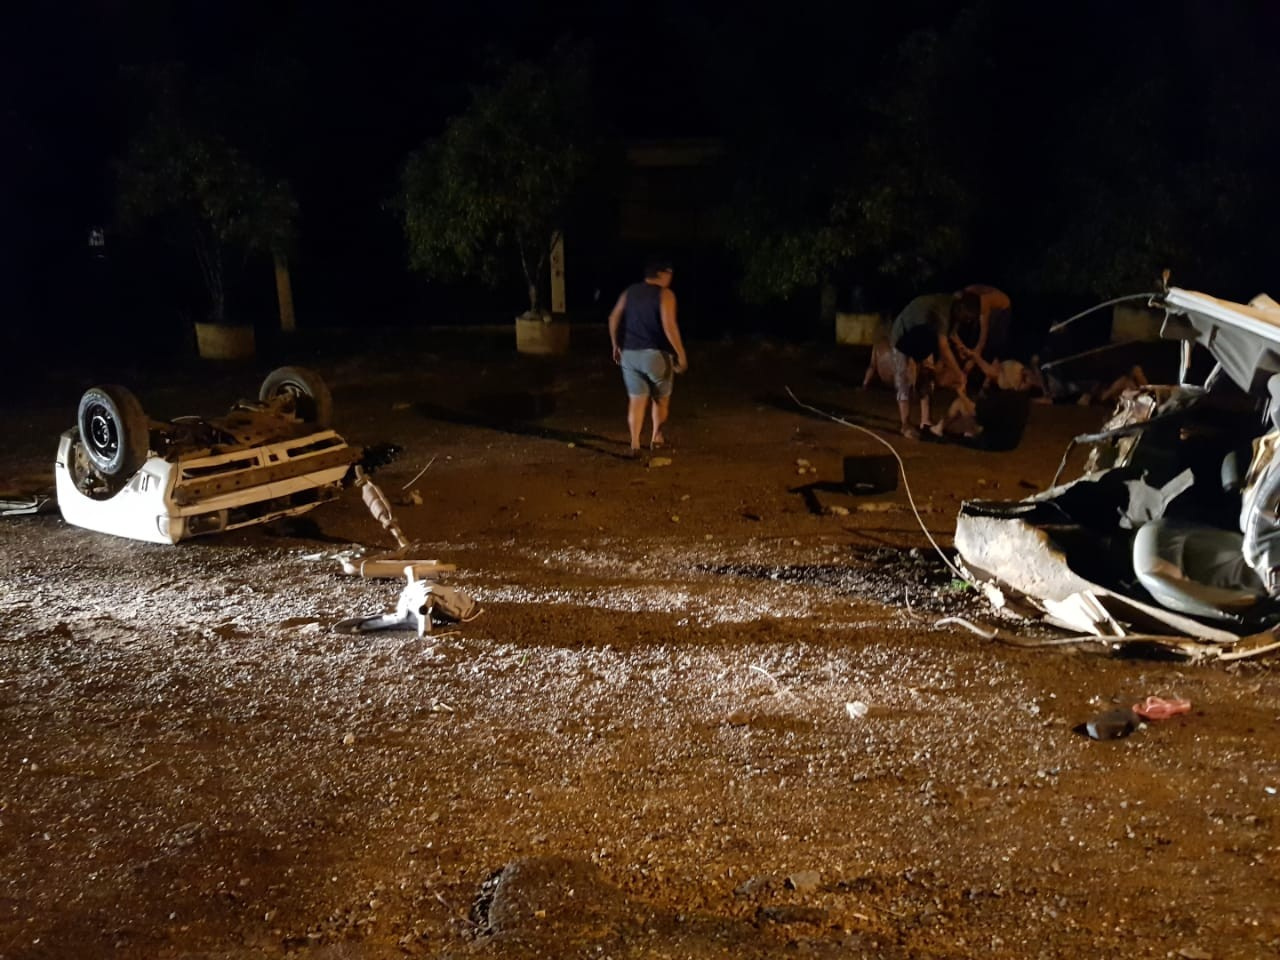 Acidente gravíssimo é registrado em São Ludgero